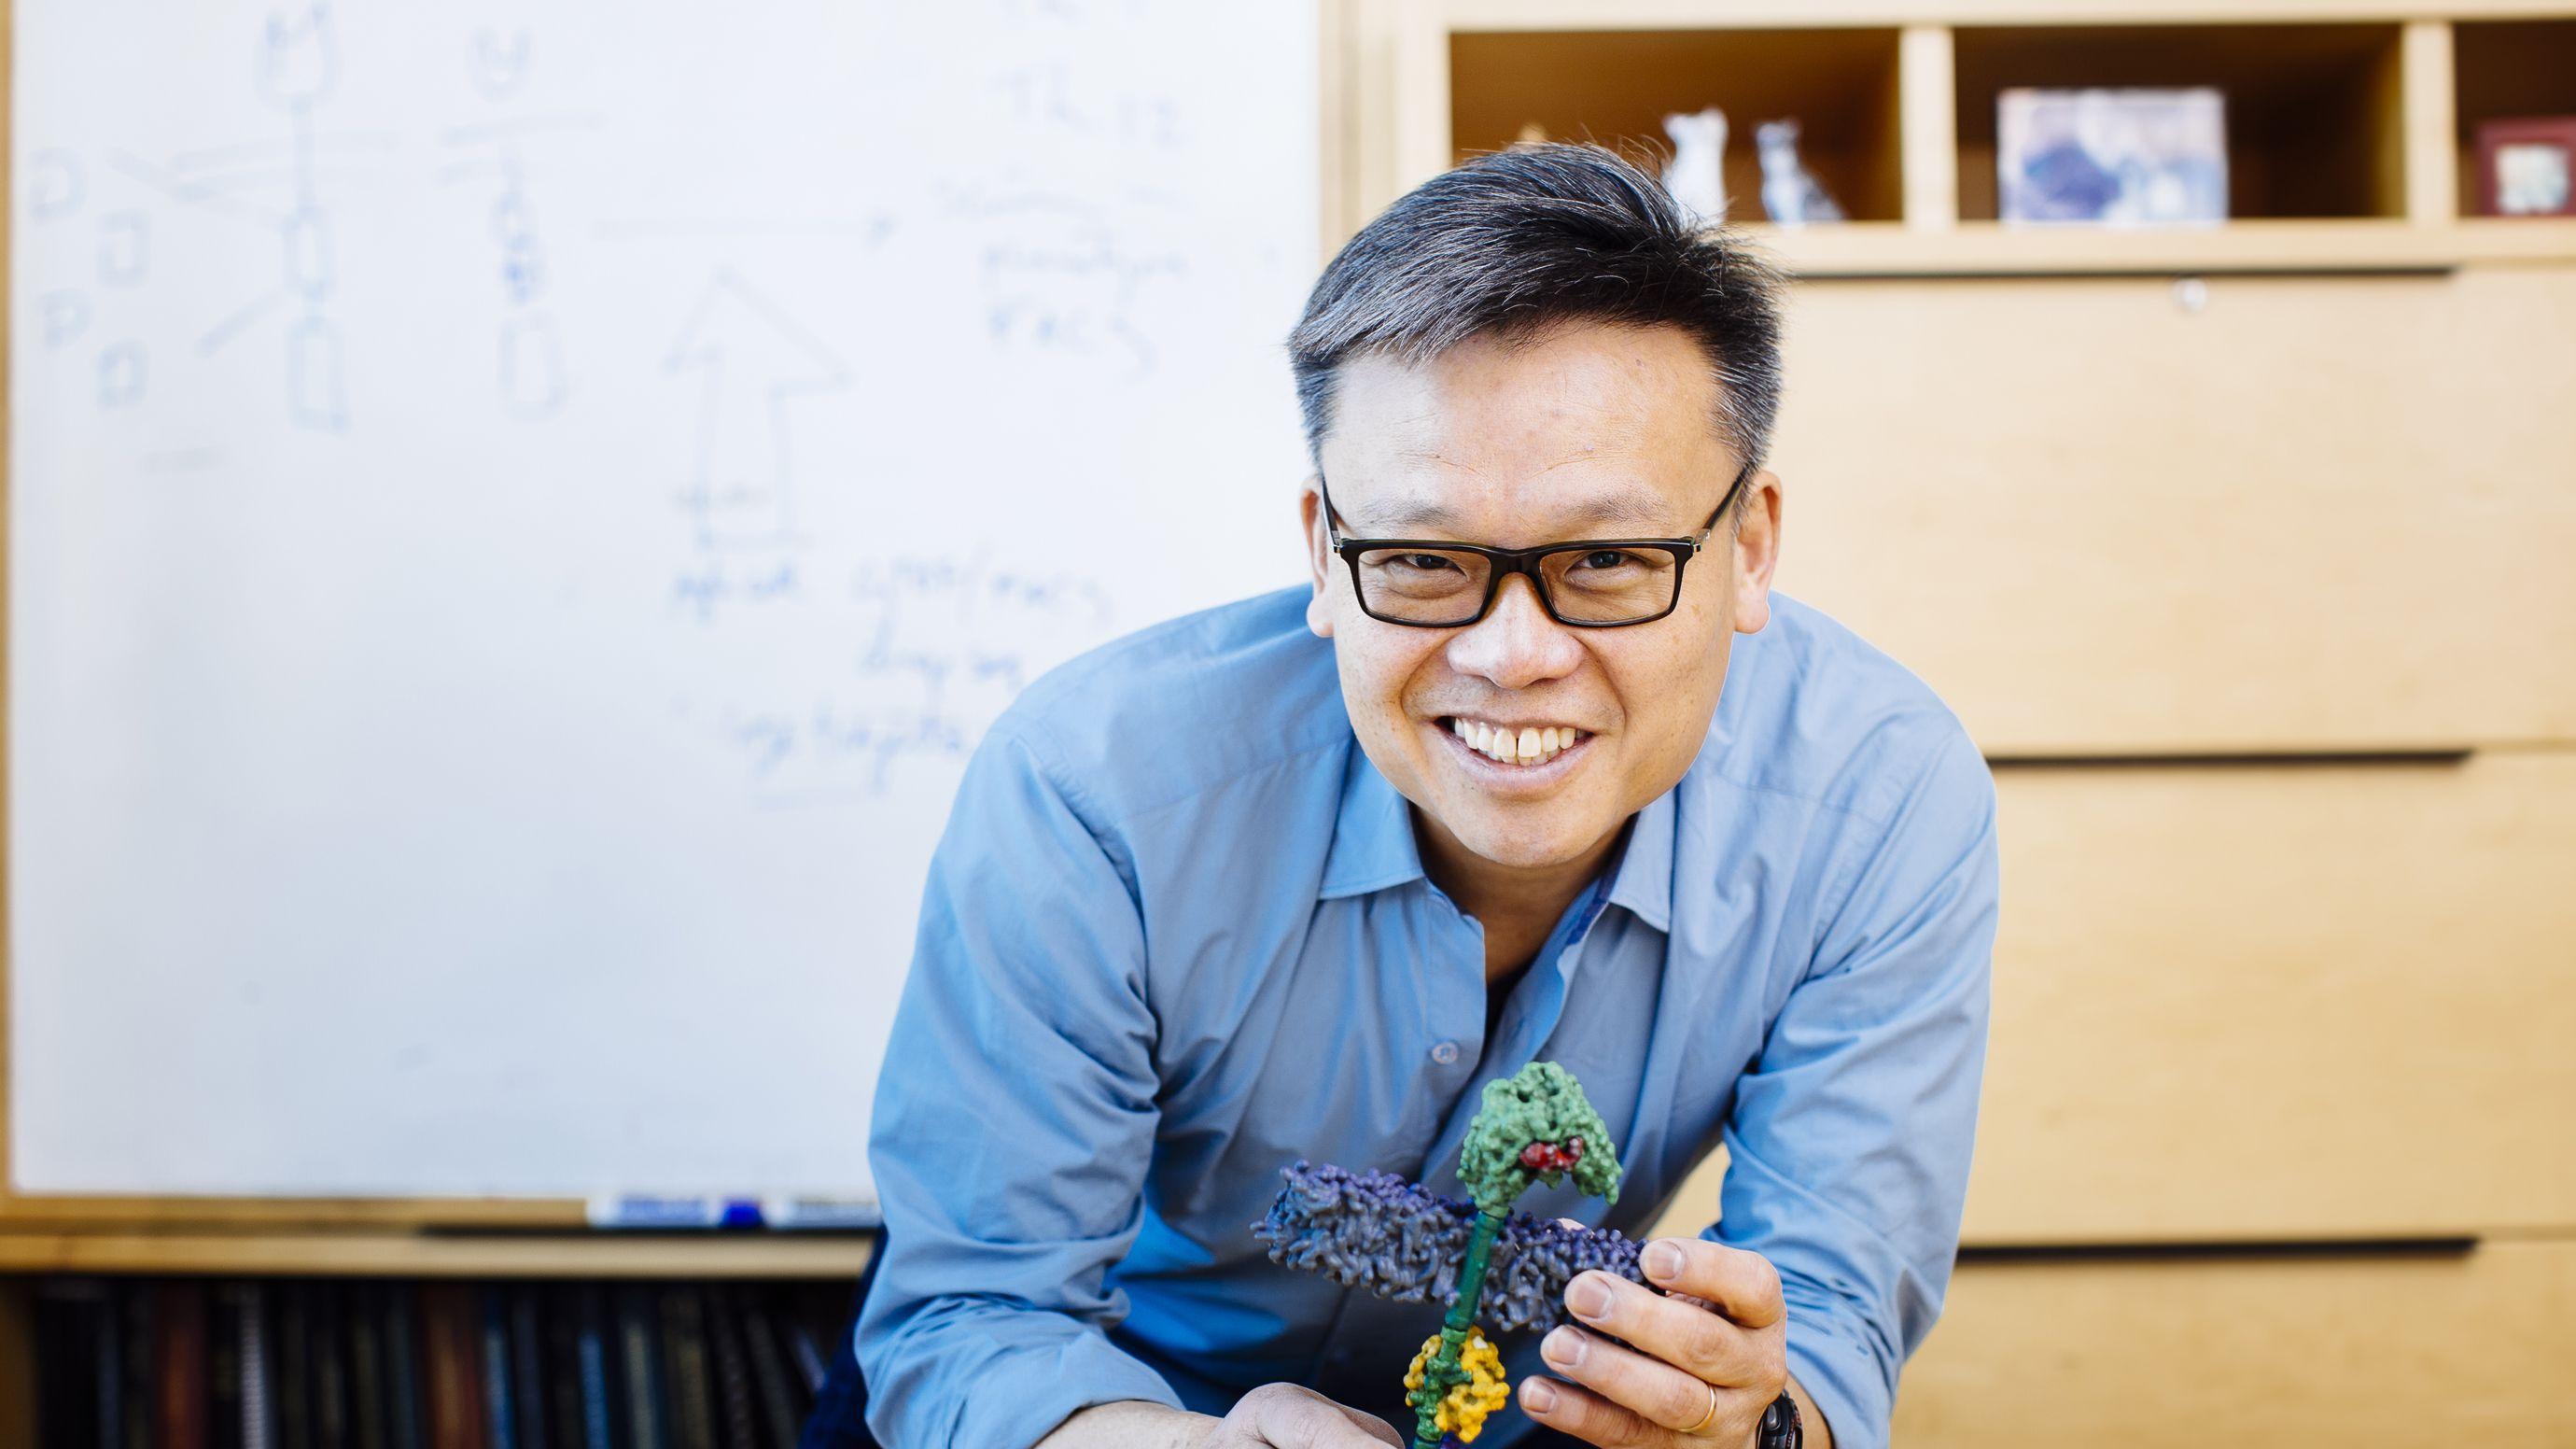 世界を次に変えるスタートアップ起業家は遺伝子プログラマーだ